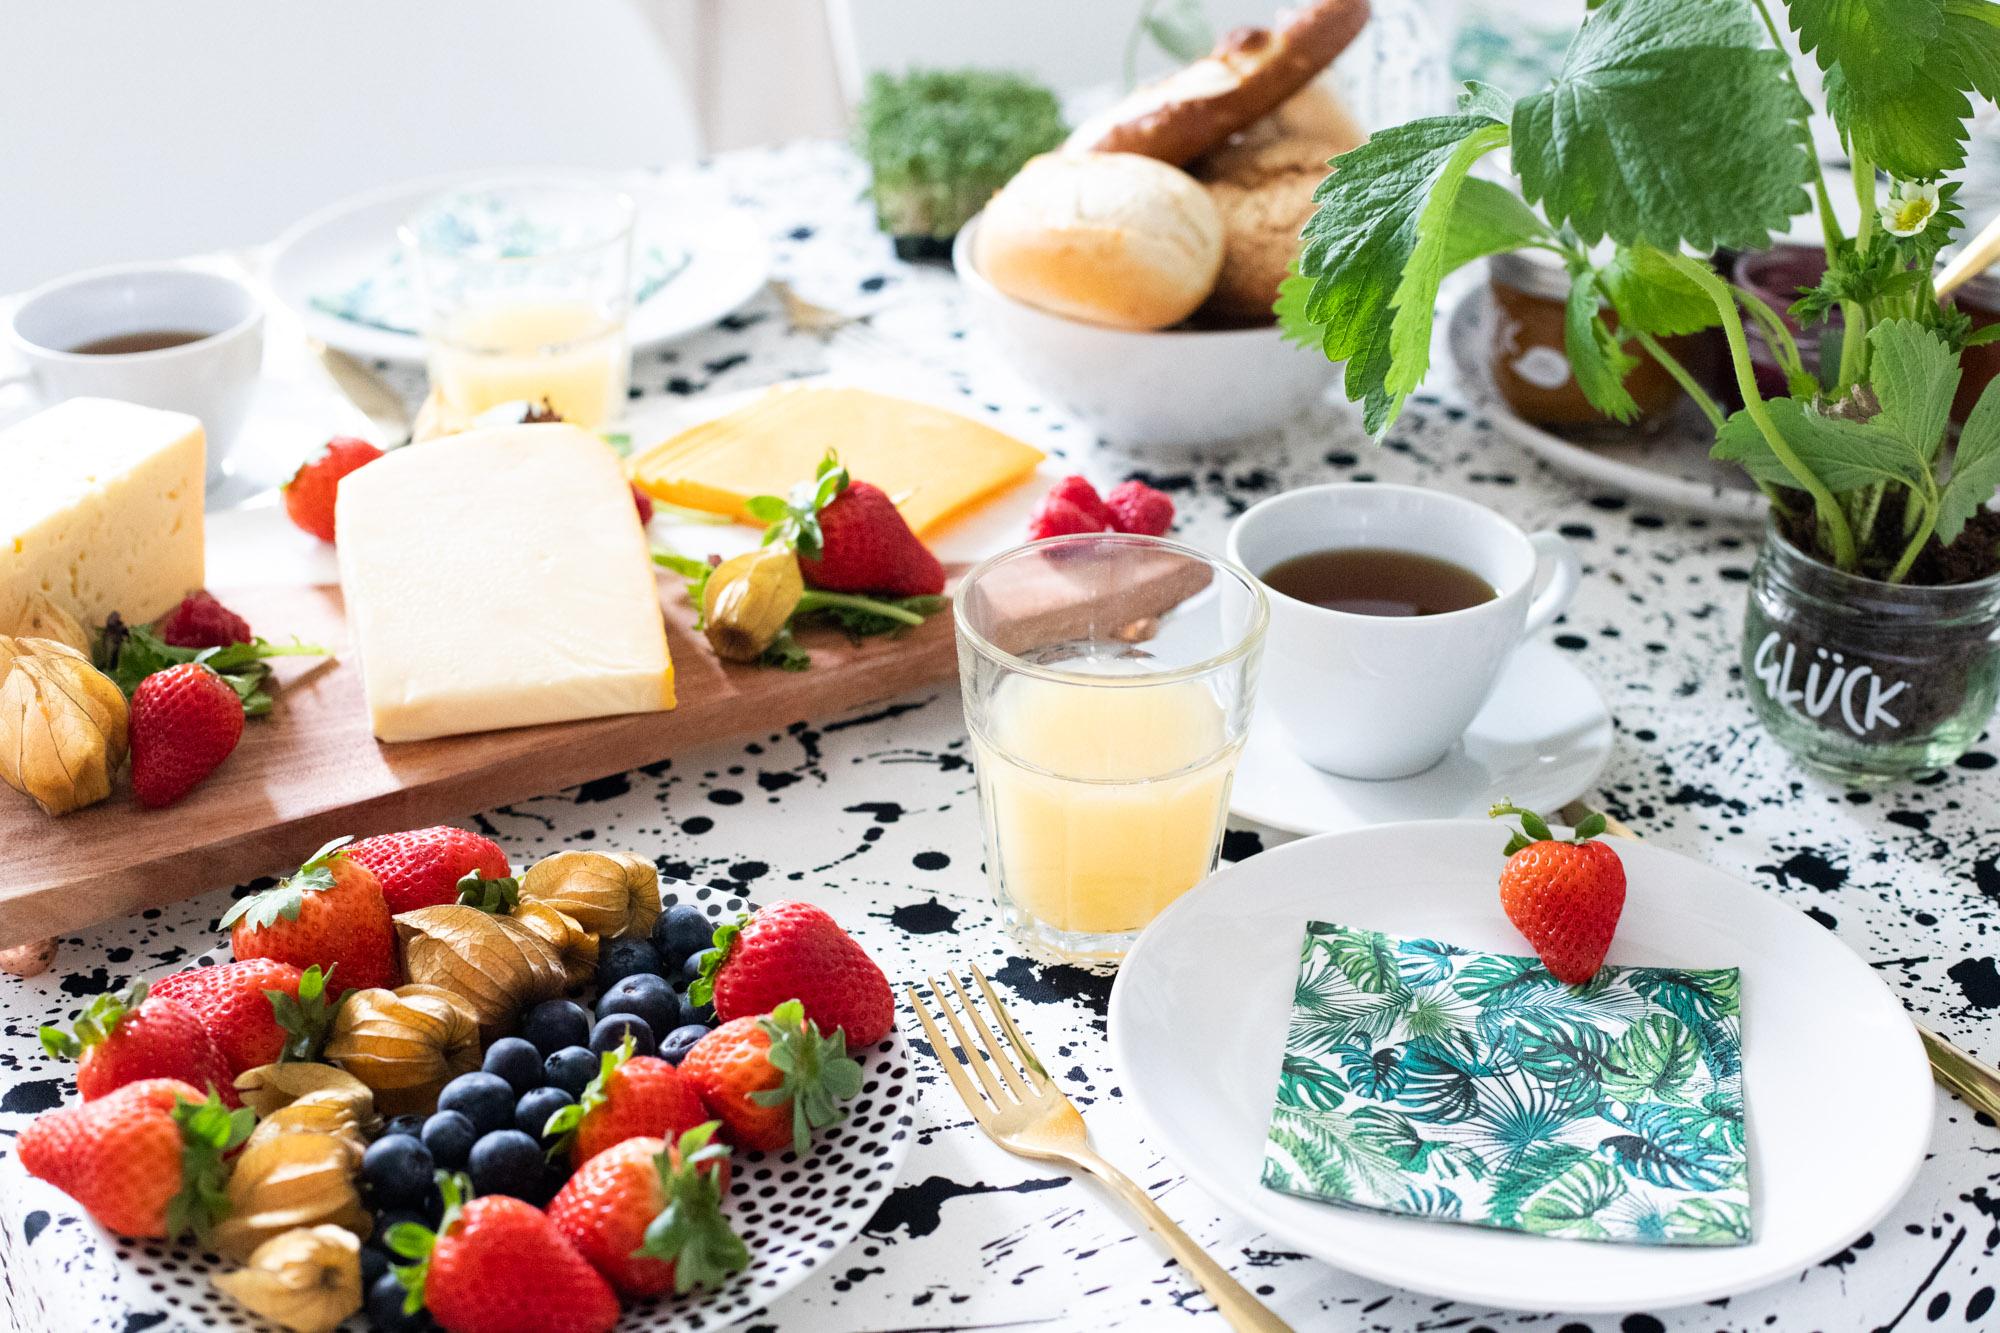 erdbeer-glas-bepflanzen-pflück-dein-glück-marmelade-1